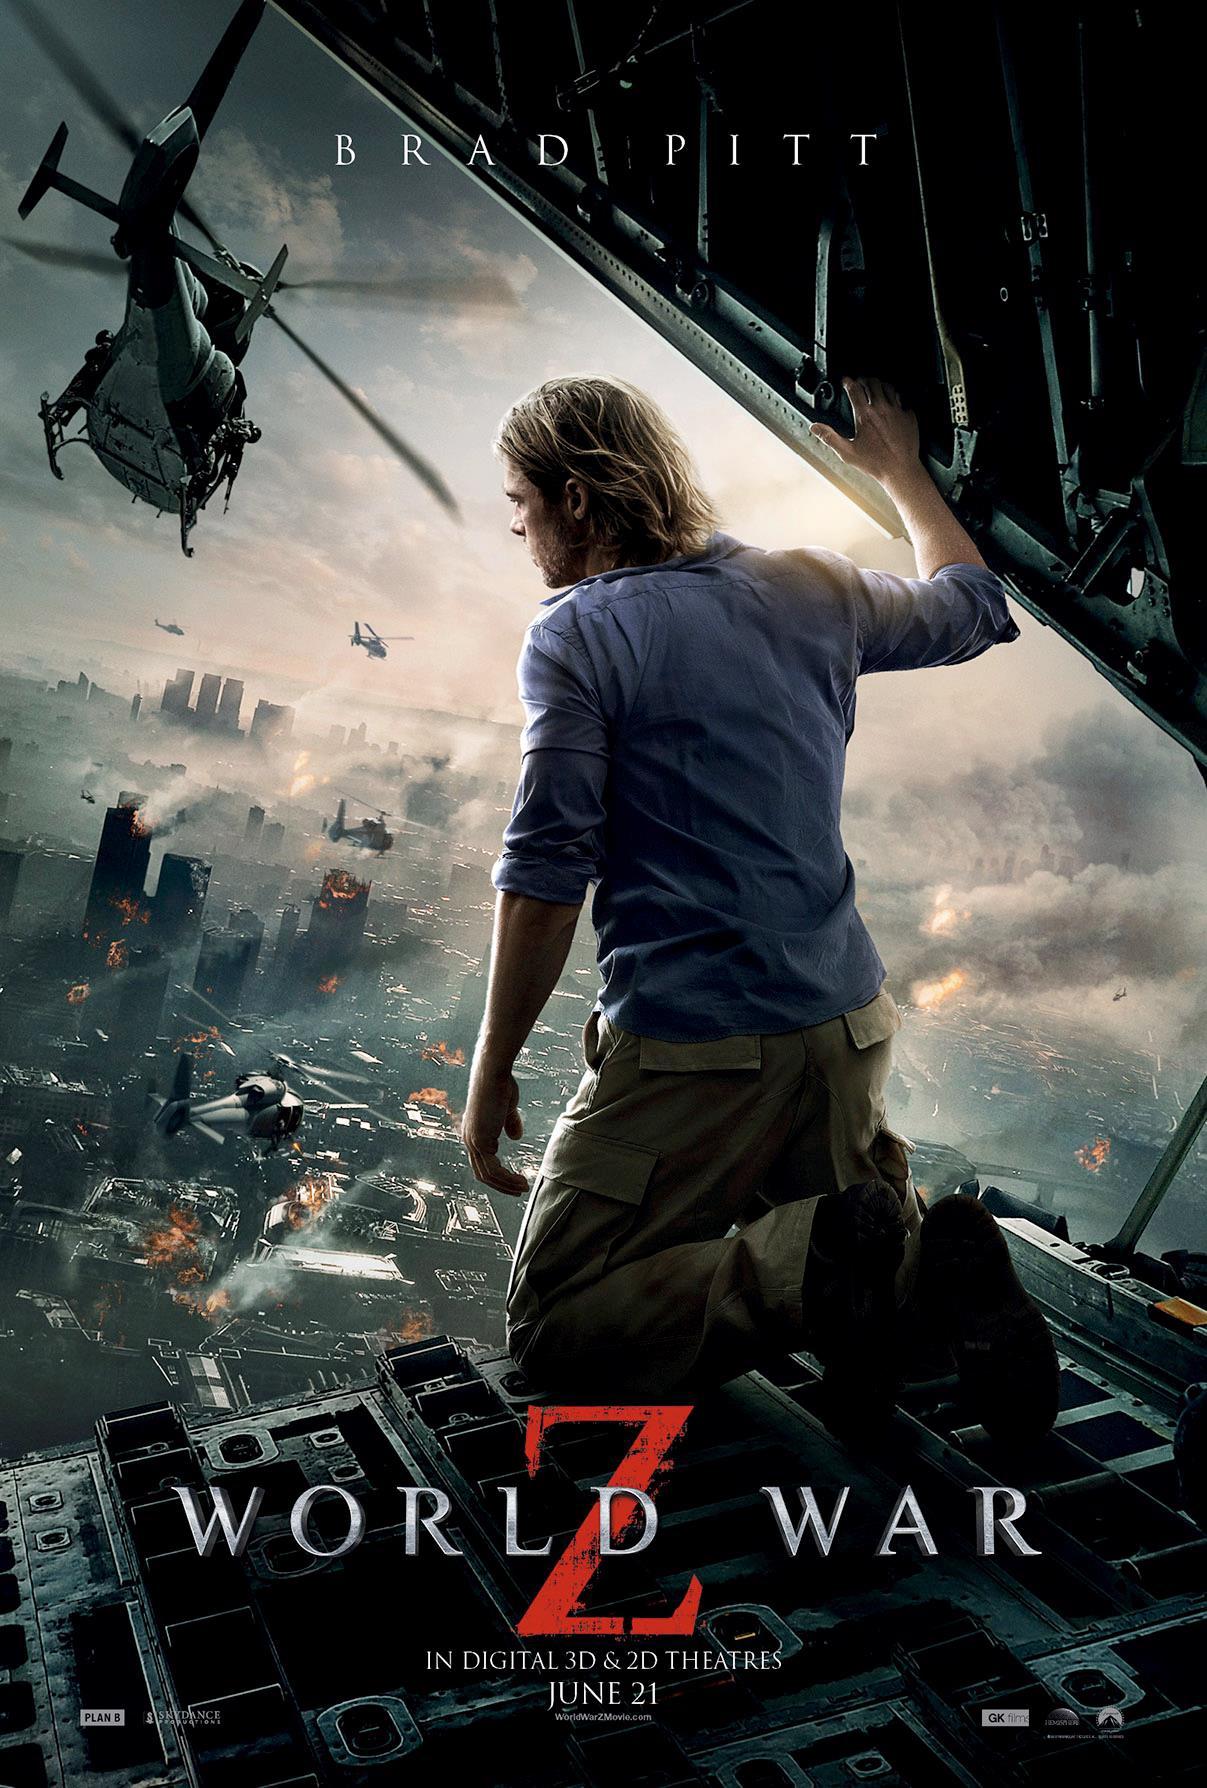 World War Z - Movie Poster #2 (Original)